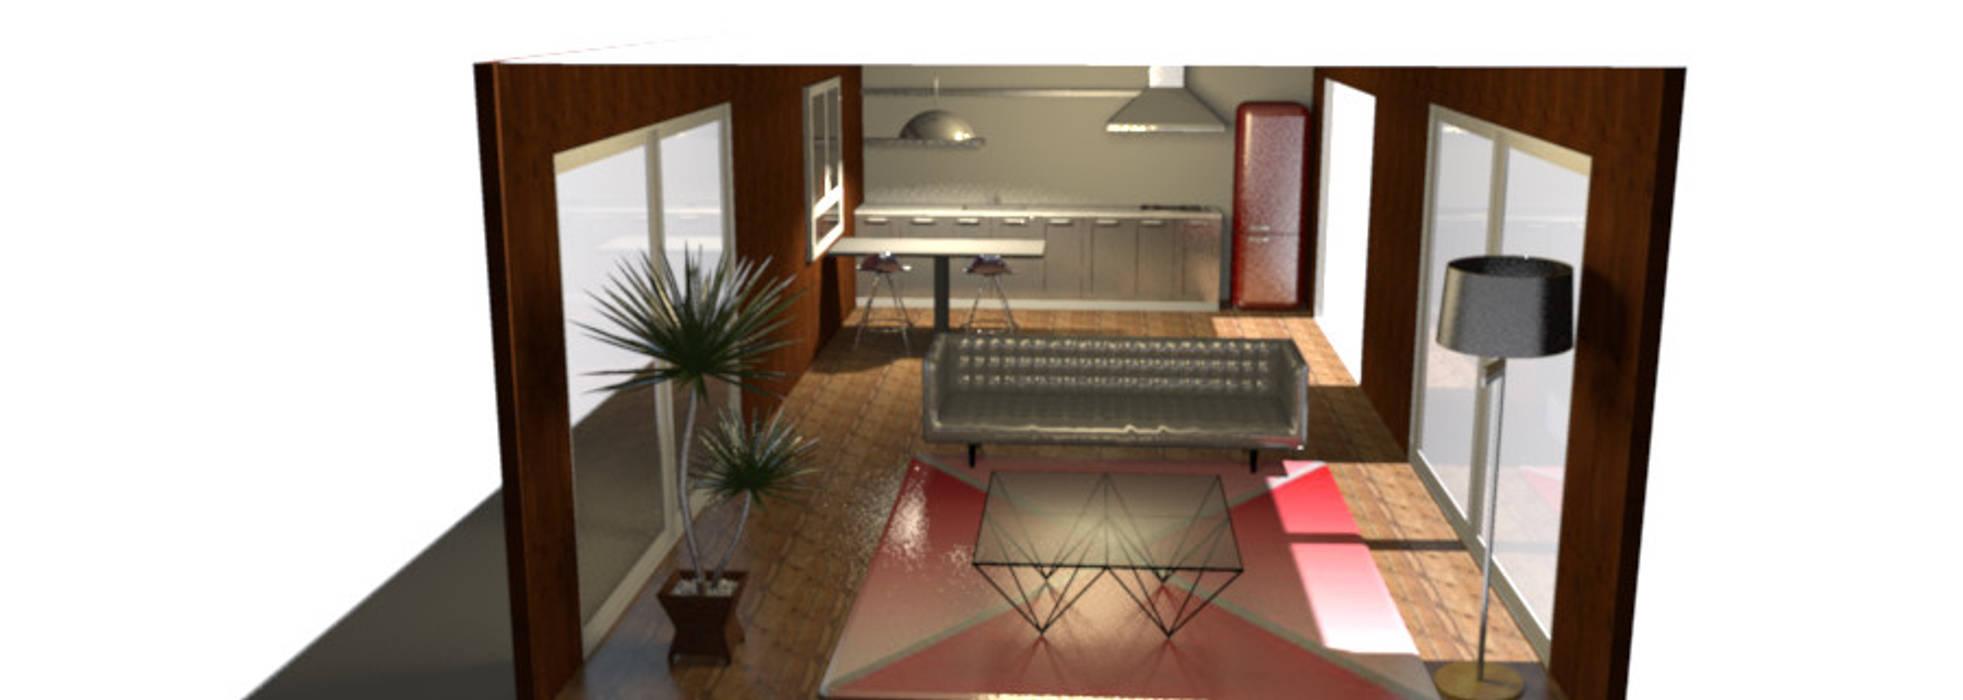 Sala Cocina open space: Salas / recibidores de estilo minimalista por Minimalistika.com